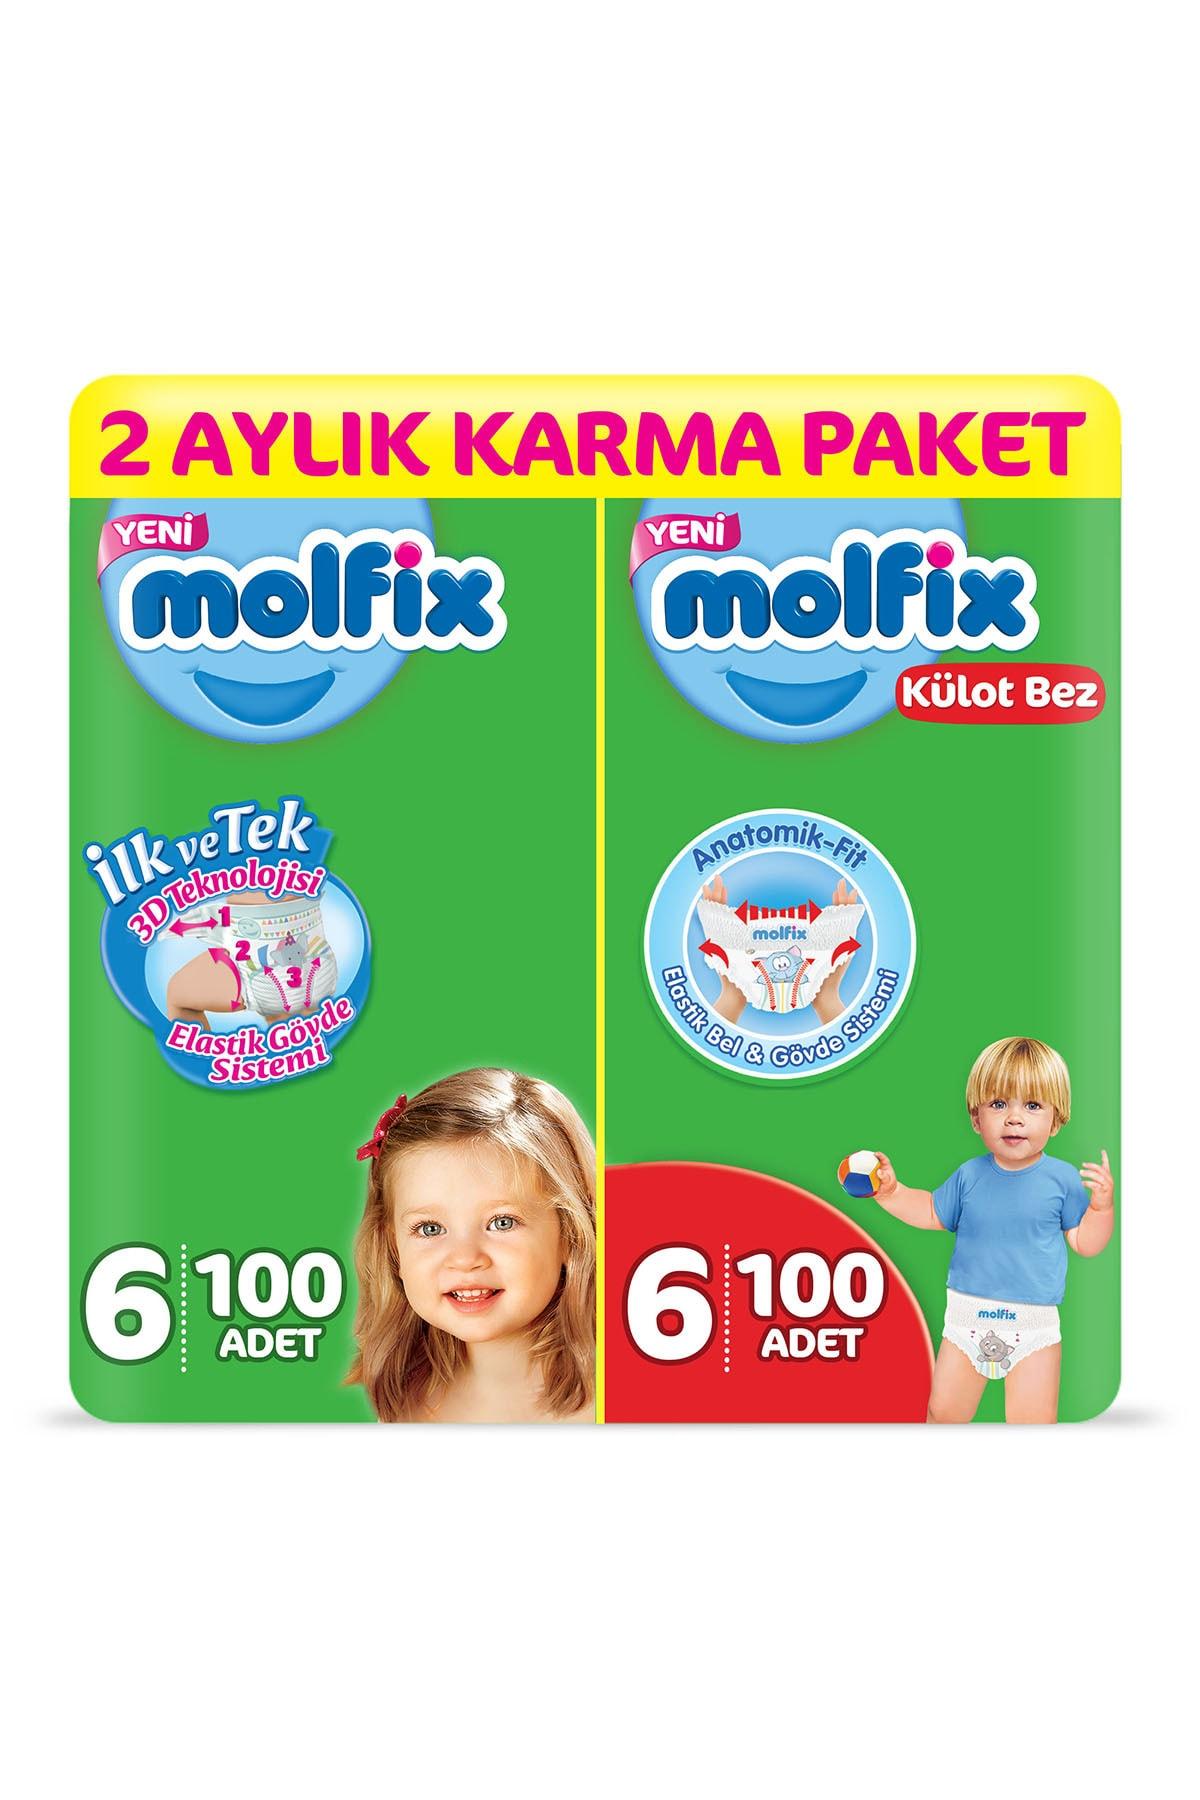 Molfix Bebek Bezi + Külot Bez 6 Beden 2 Aylık Karma Paket 200 Adet